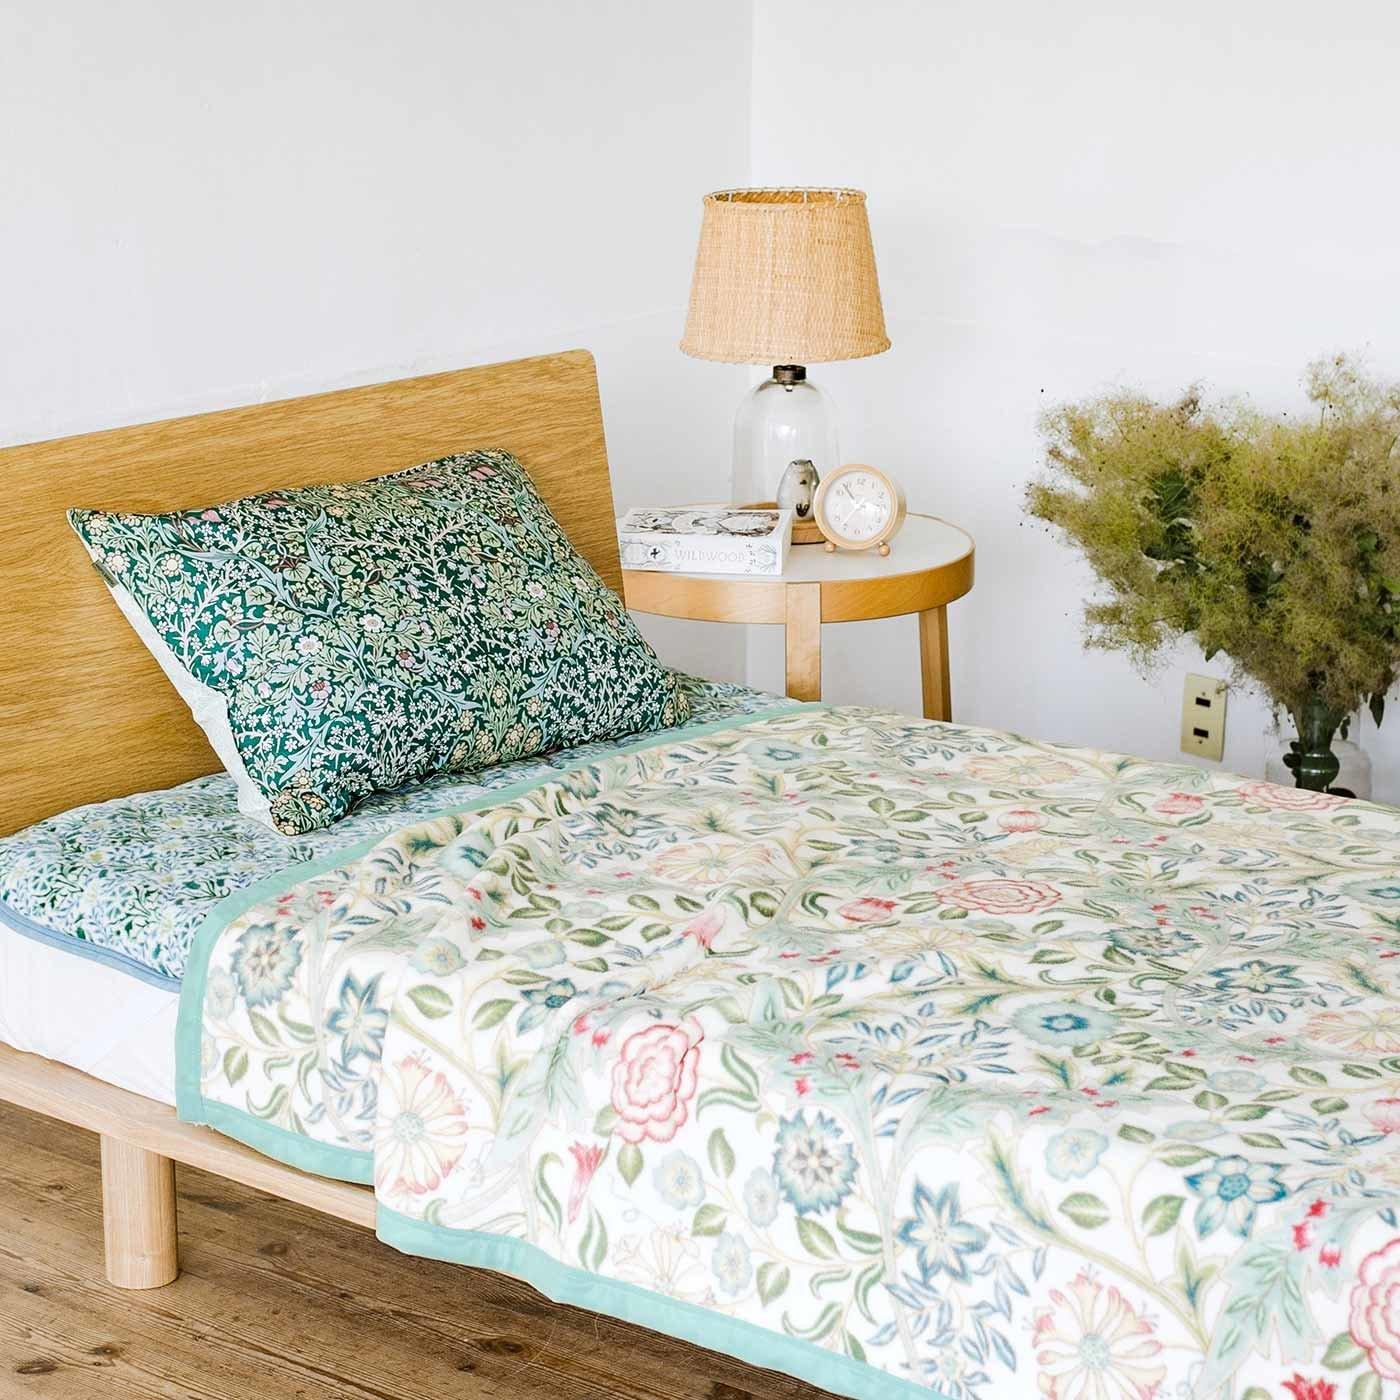 モリスギャラリー 咲き誇る花々に包まれる深い眠り 手放せなくなる綿毛布〈ウィルヘルミナ〉